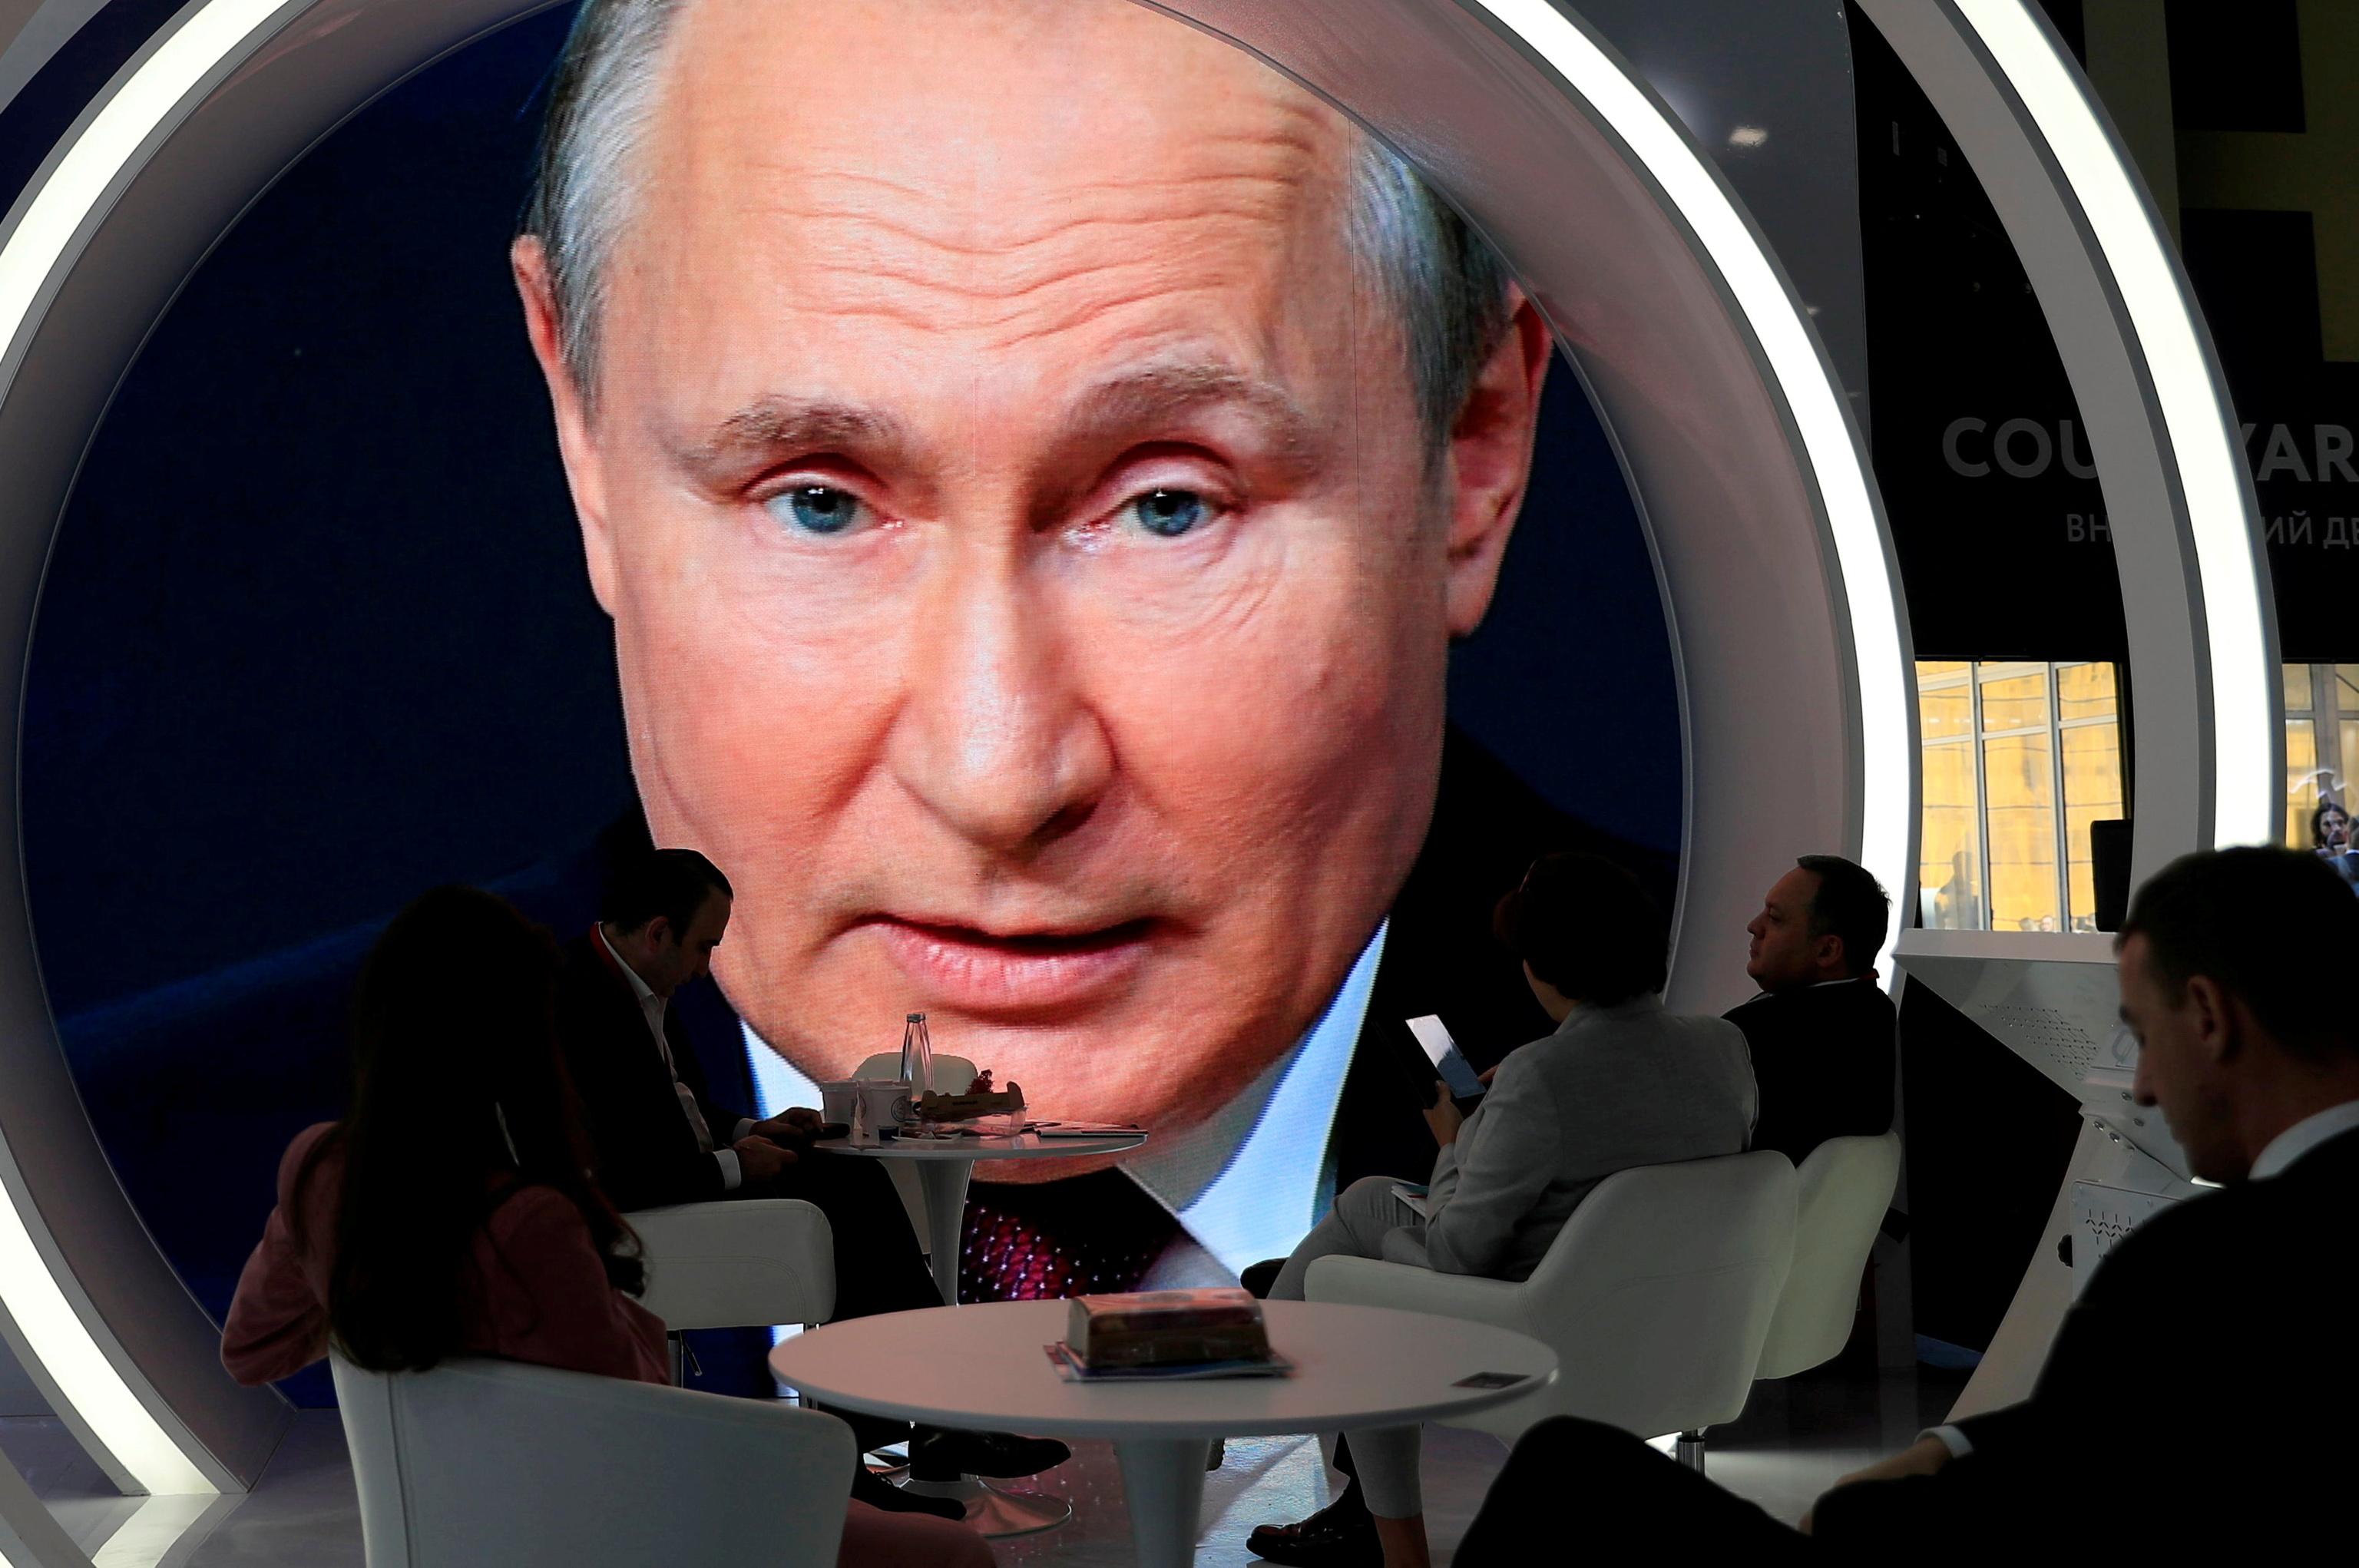 صفحه نمایش ولادیمیر پوتین در انجمن اقتصاد